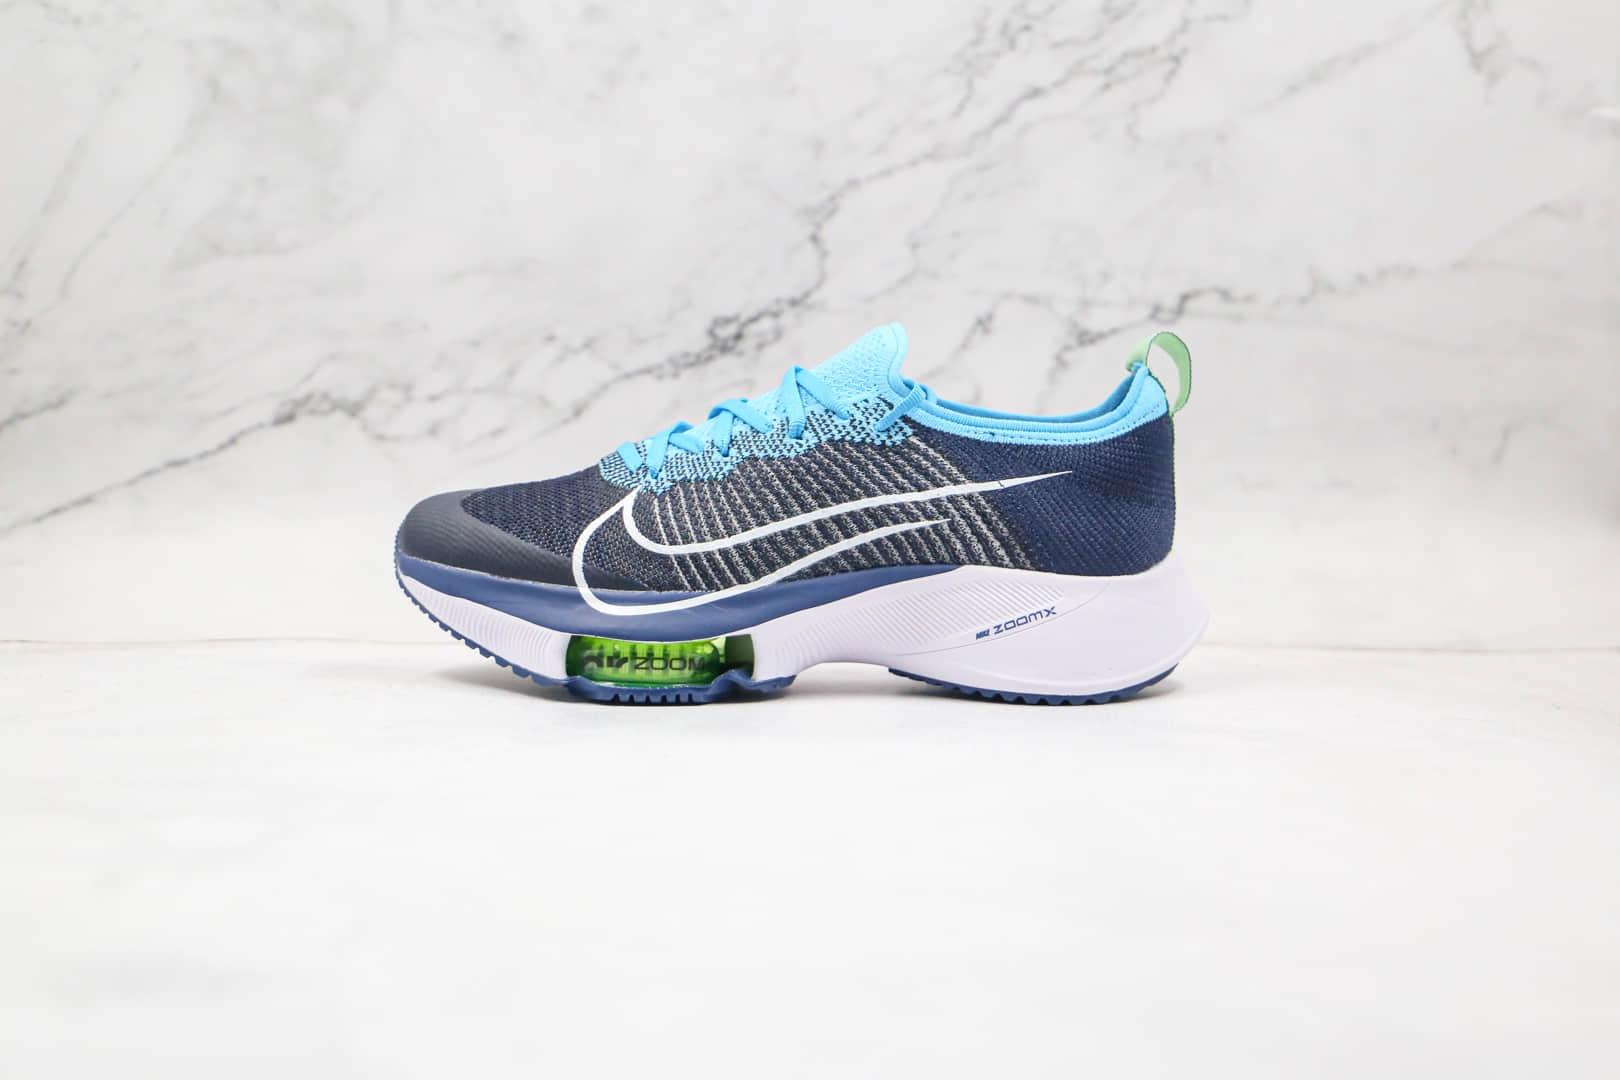 纯原版本耐克NEXT%马拉松深蓝色气垫慢跑鞋出货